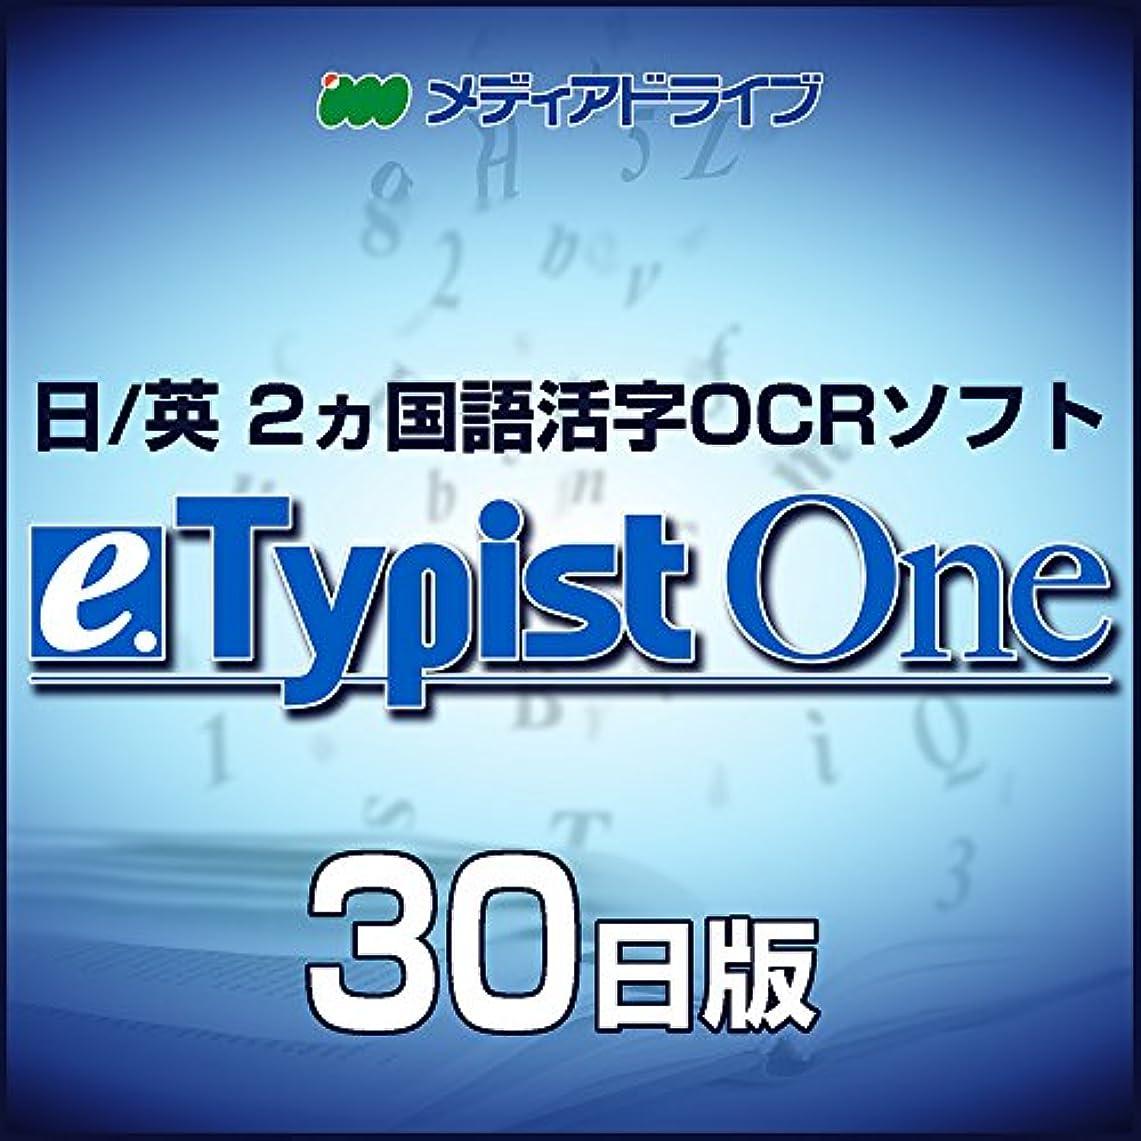 悪のシガレットトーンe.Typist One 30日版 ダウンロード版